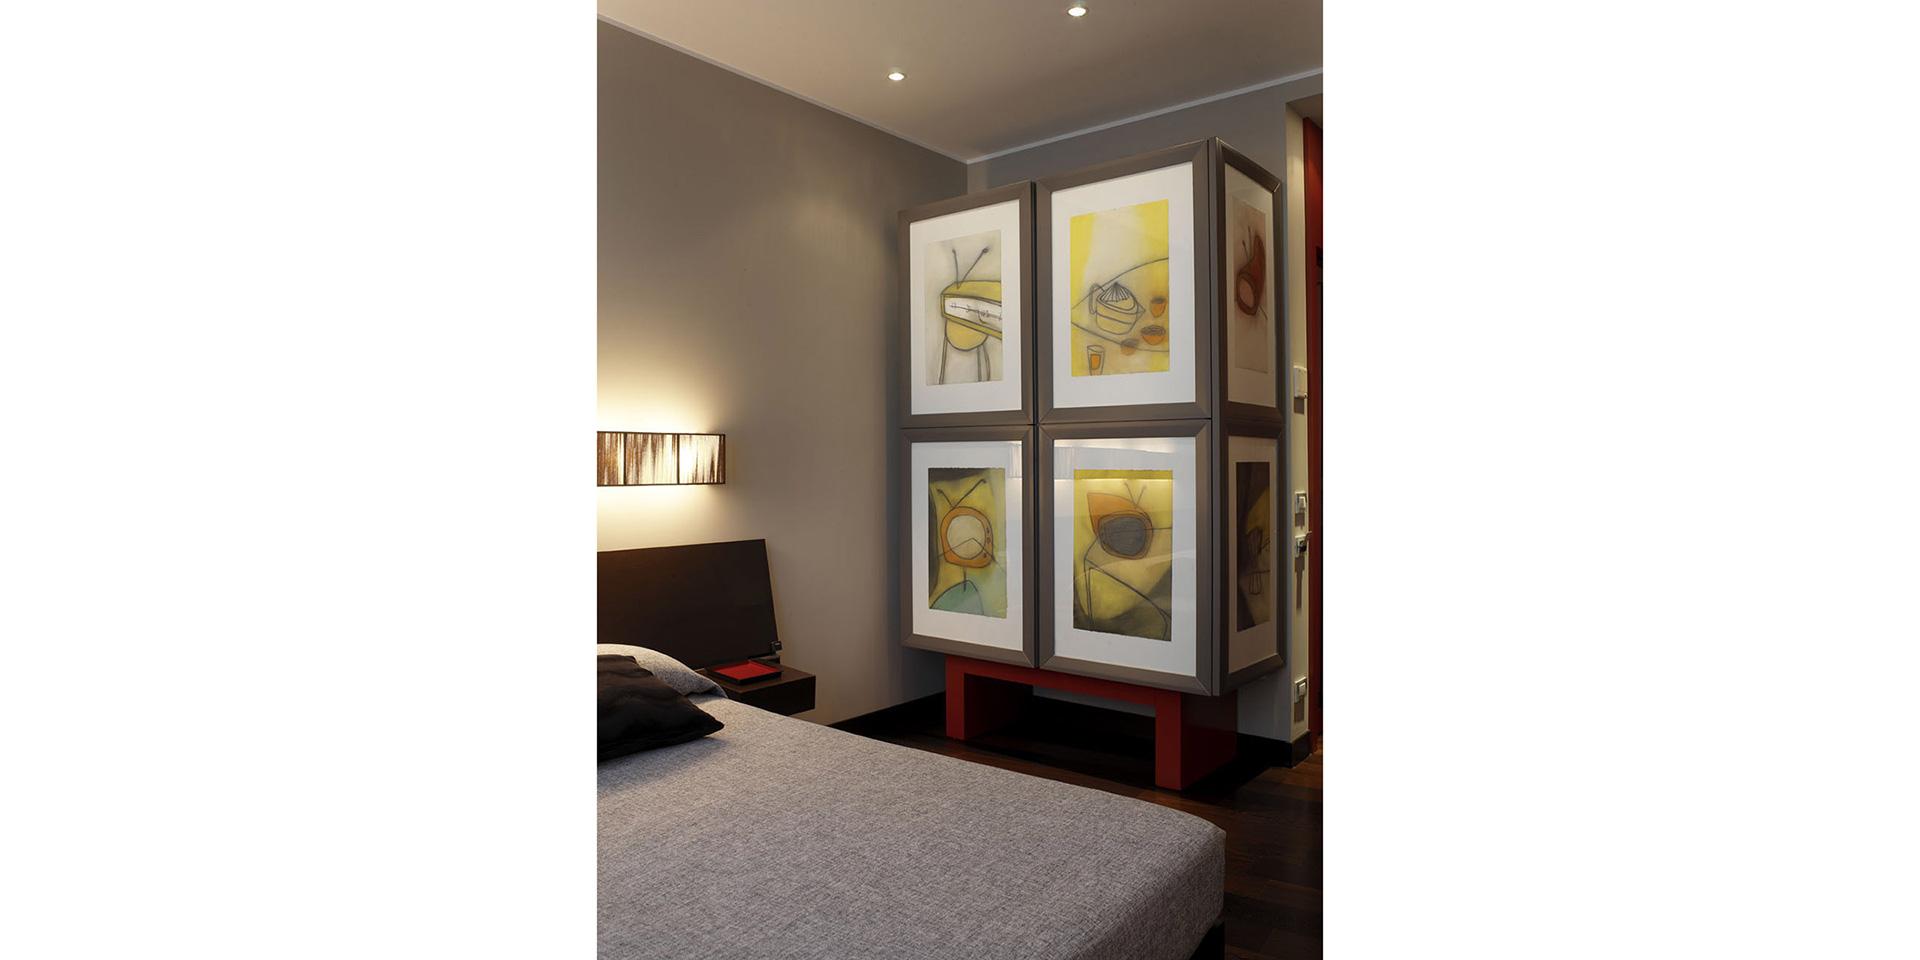 archinow_IXO_hotel-ixo_03